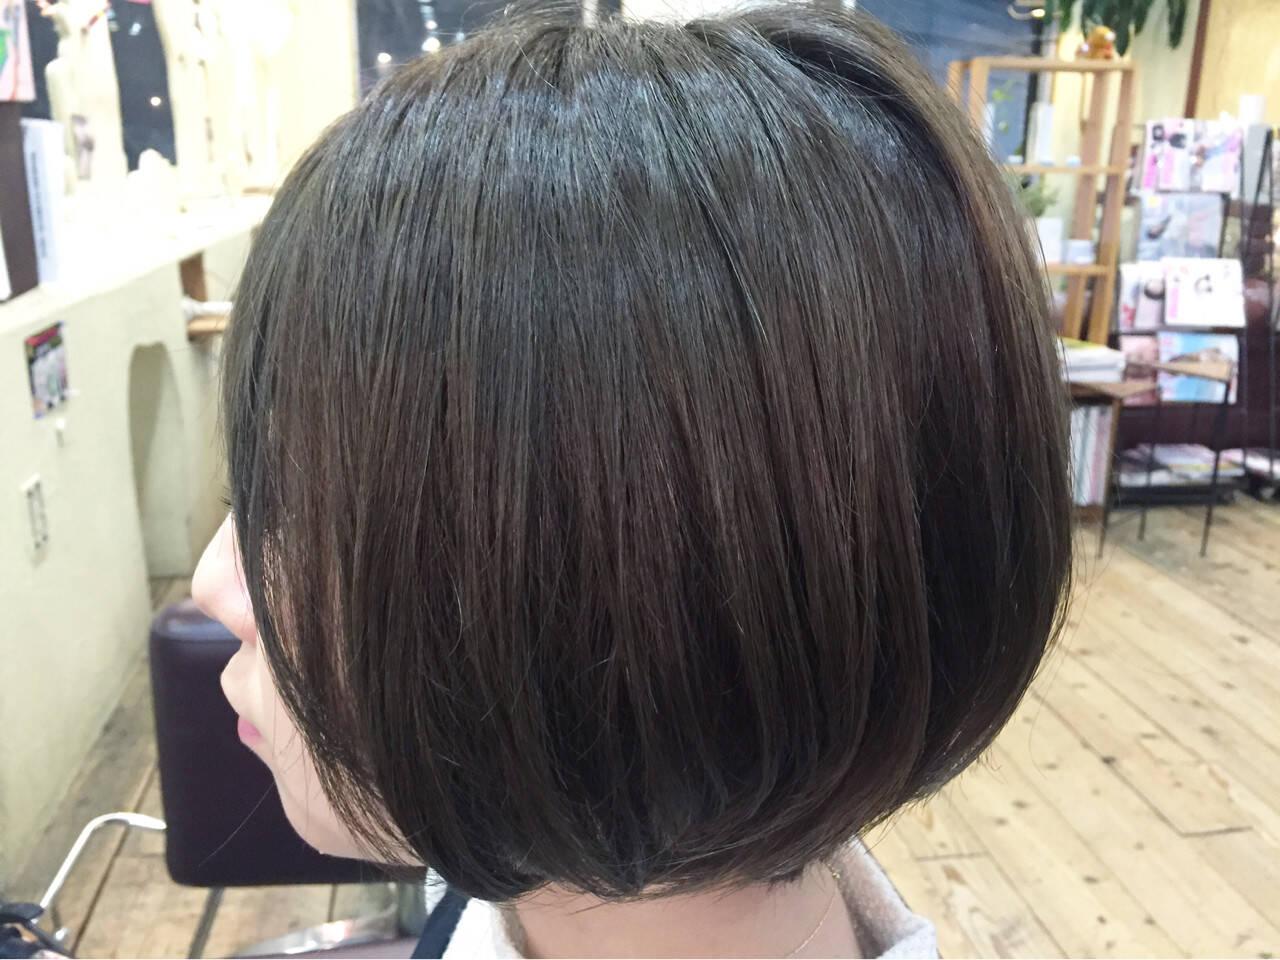 イルミナカラー アッシュグレー 似合わせ 透明感ヘアスタイルや髪型の写真・画像